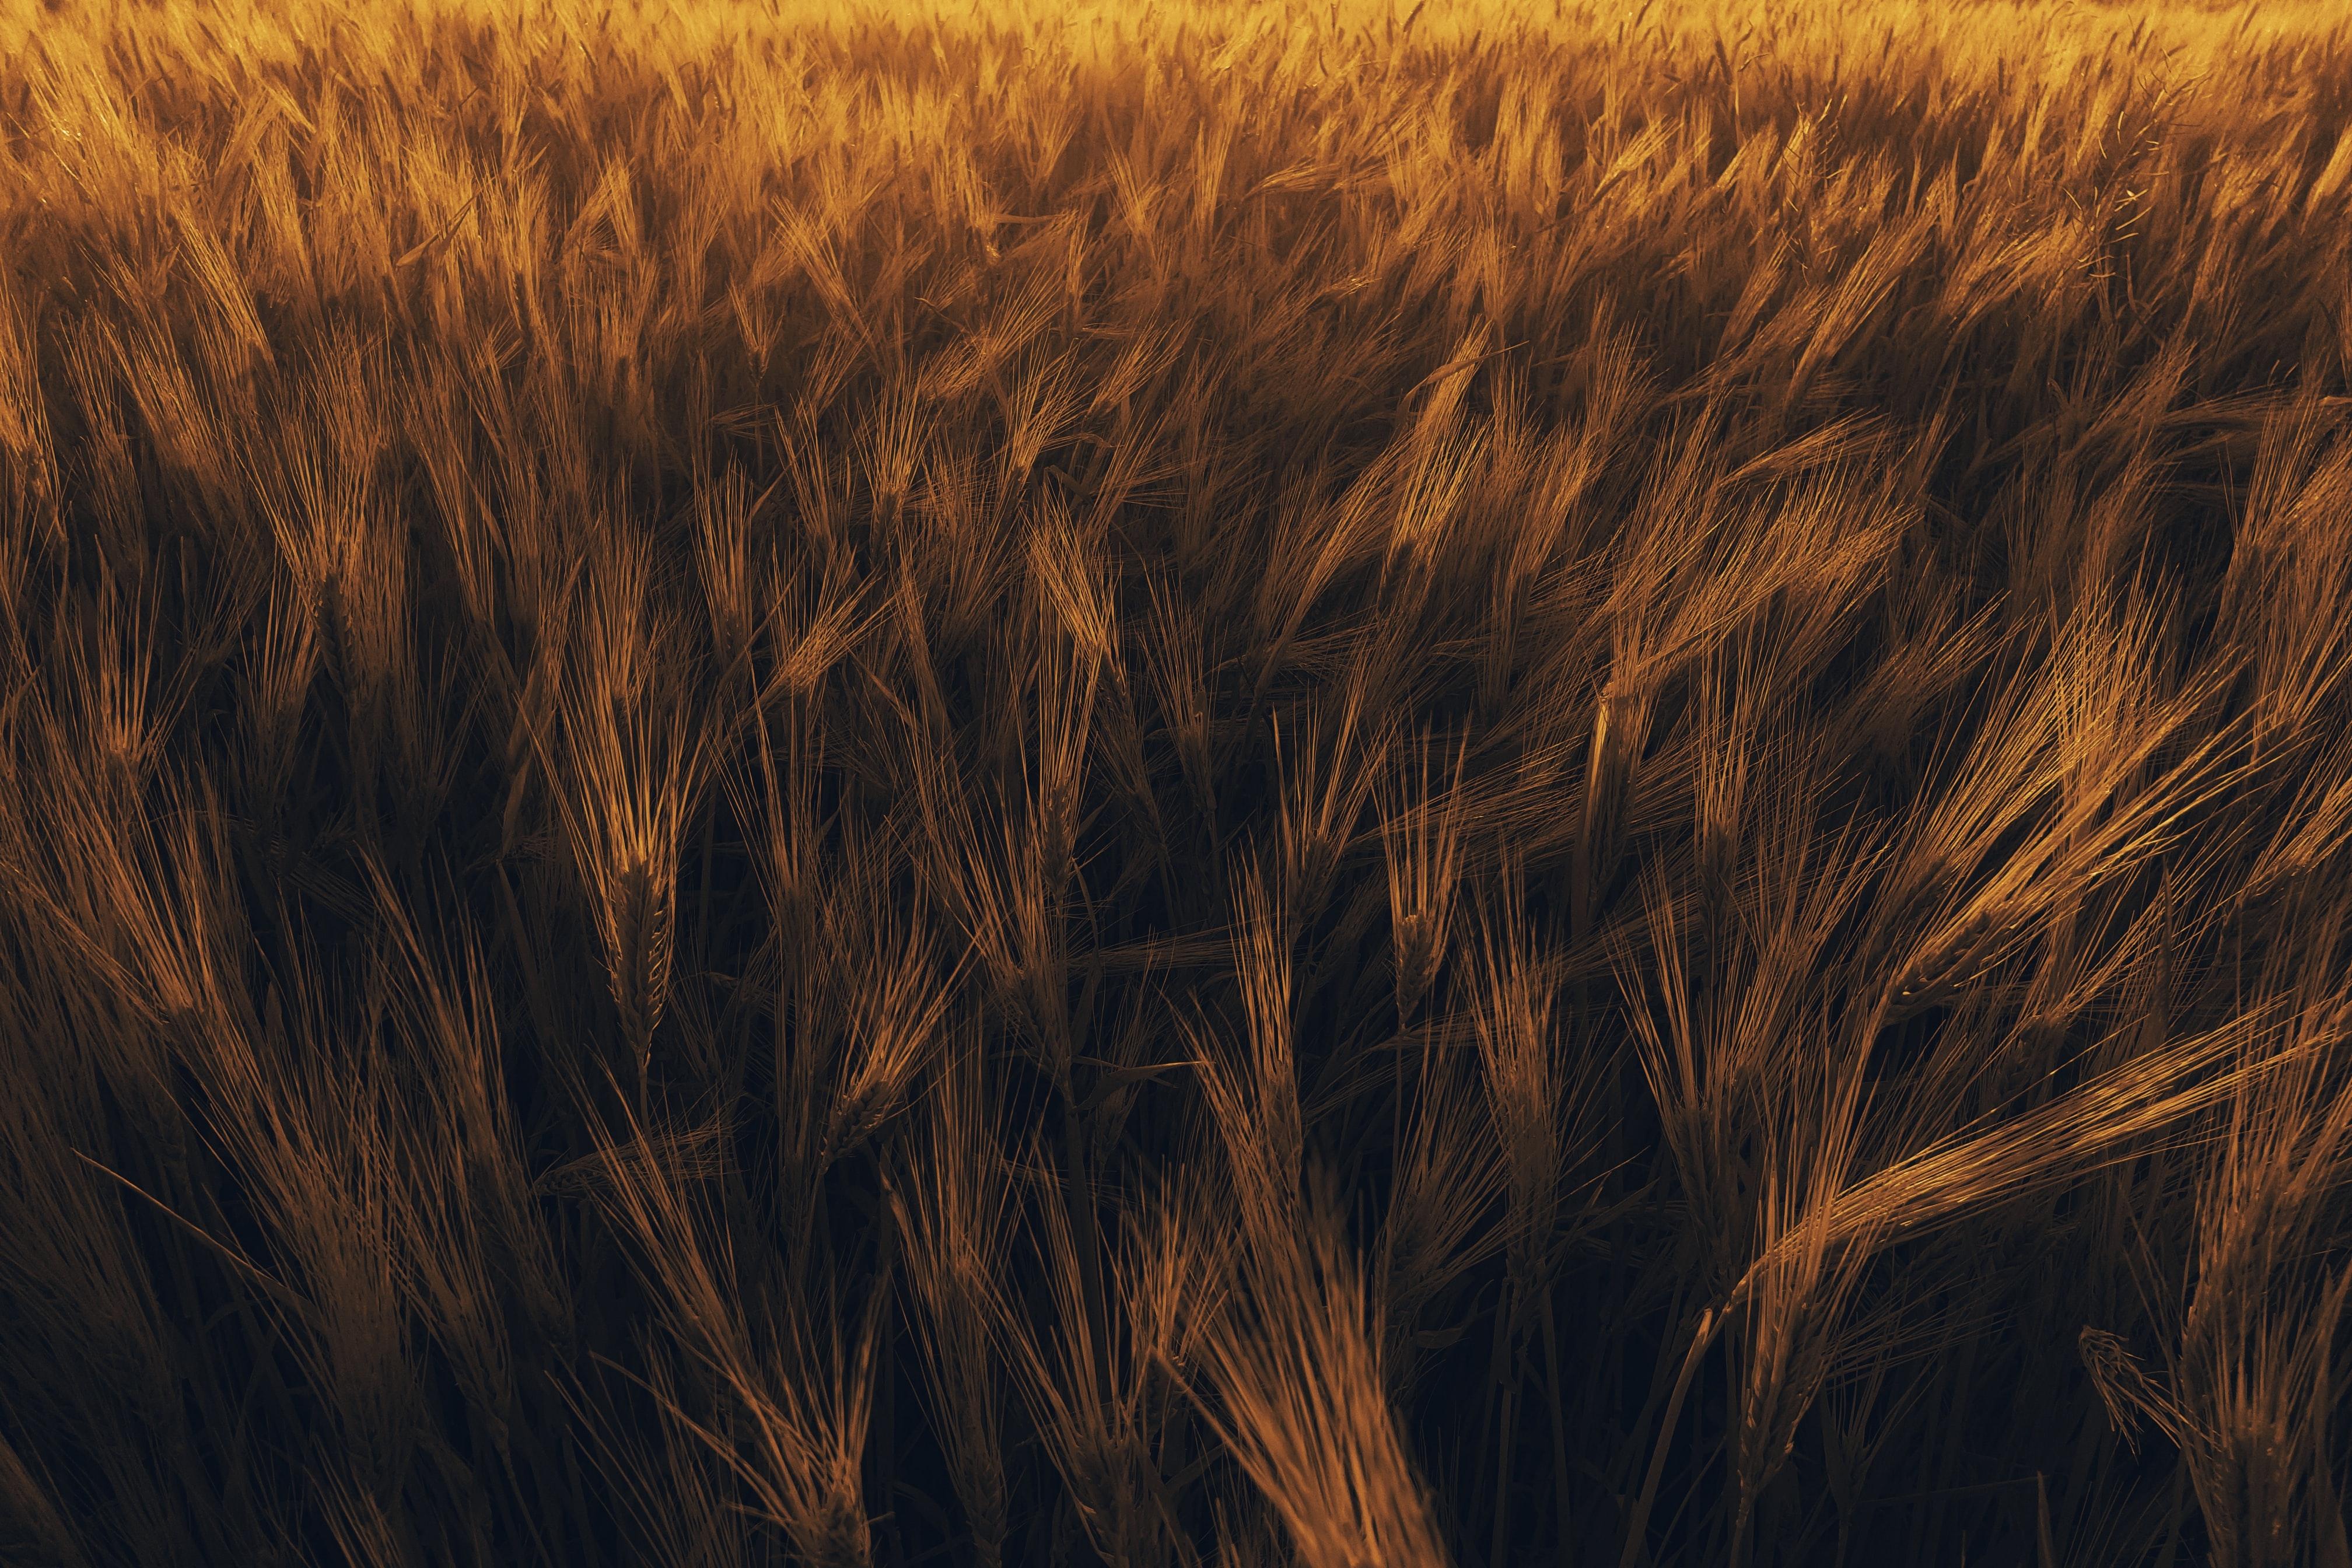 64823 скачать обои Природа, Колосья, Растение, Поле, Пшеница - заставки и картинки бесплатно